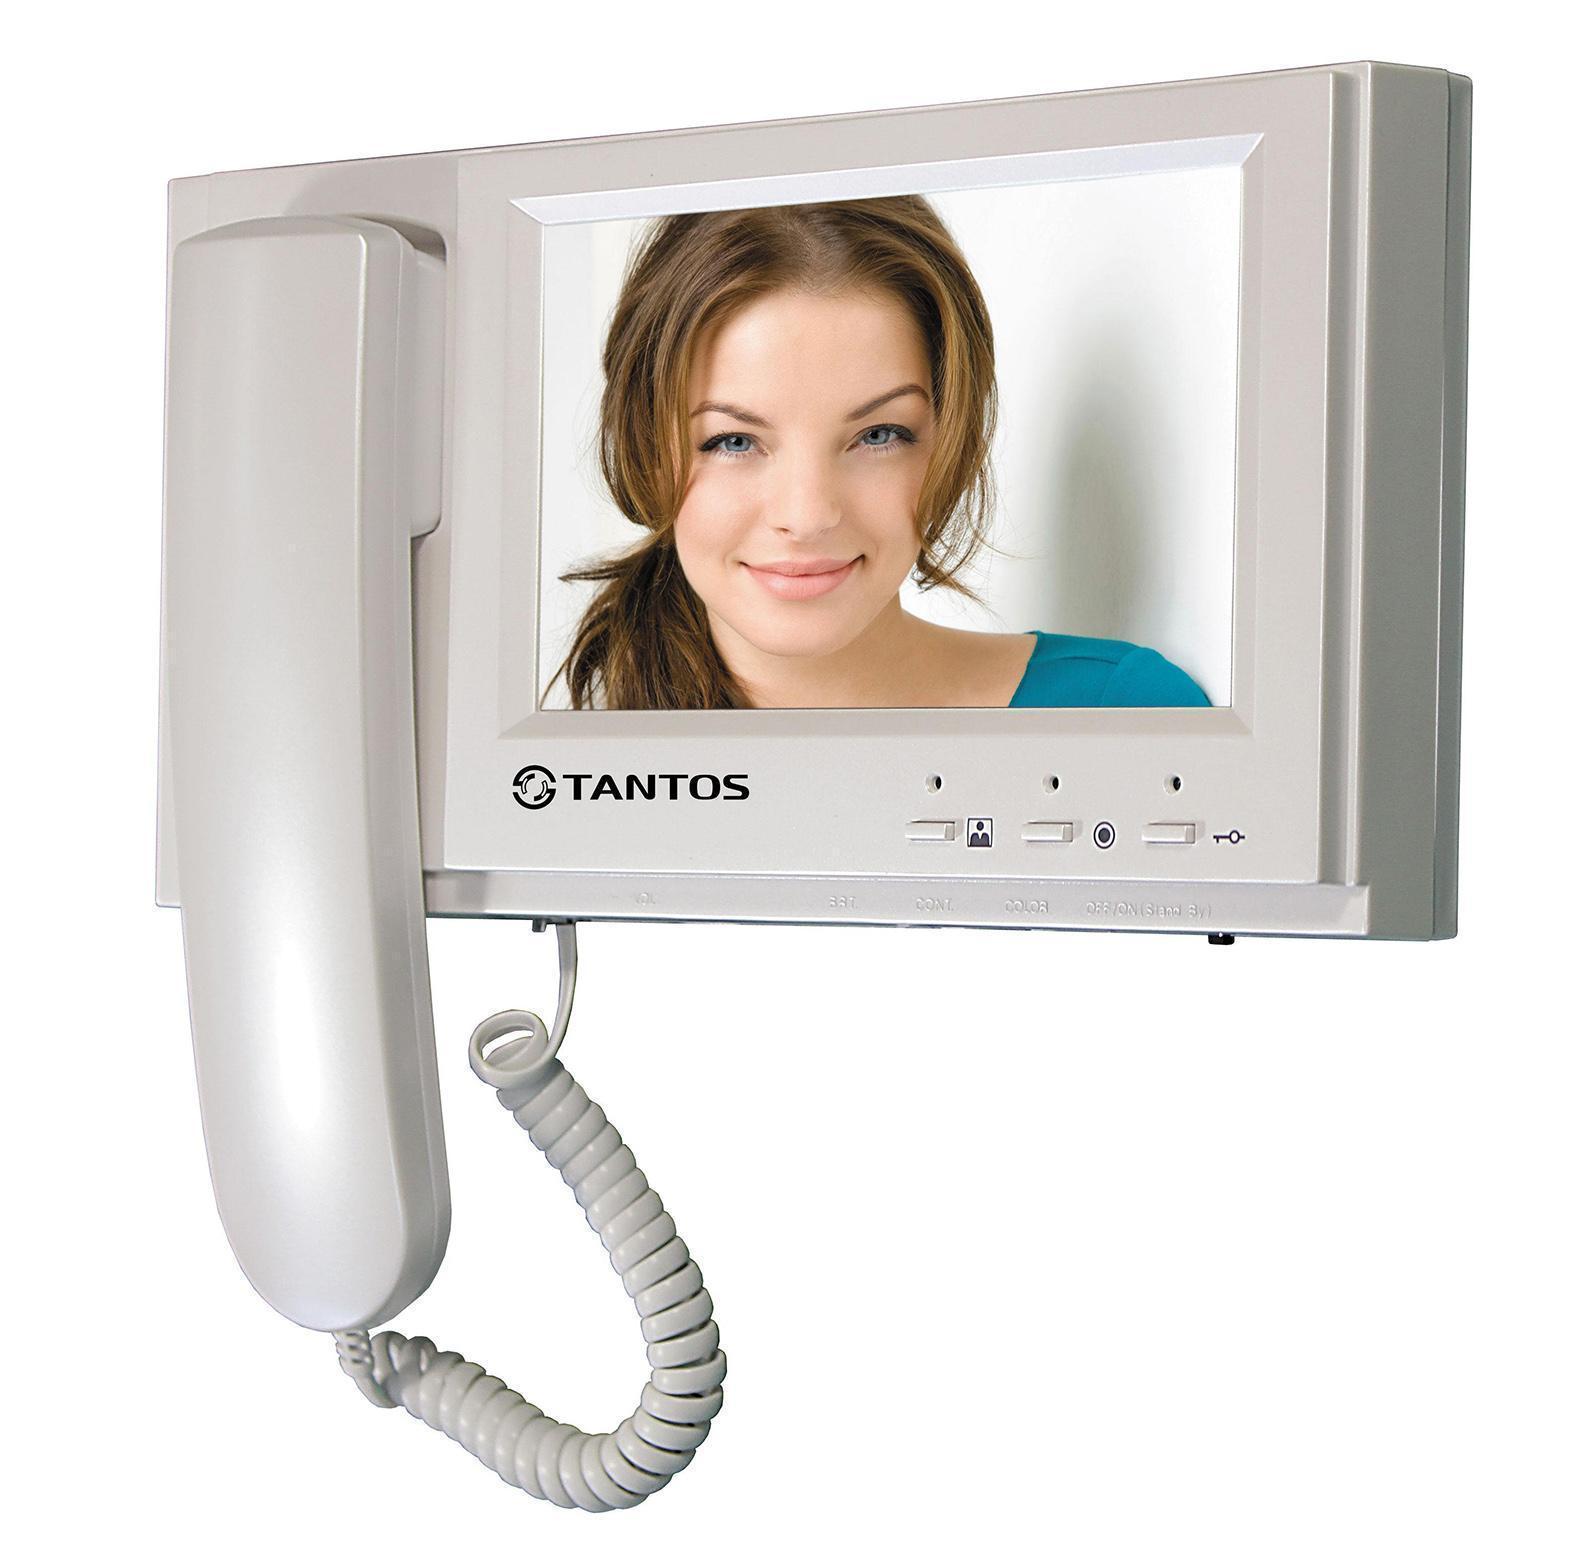 Tantos Loki - SD, White монитор домофона 00-00016179